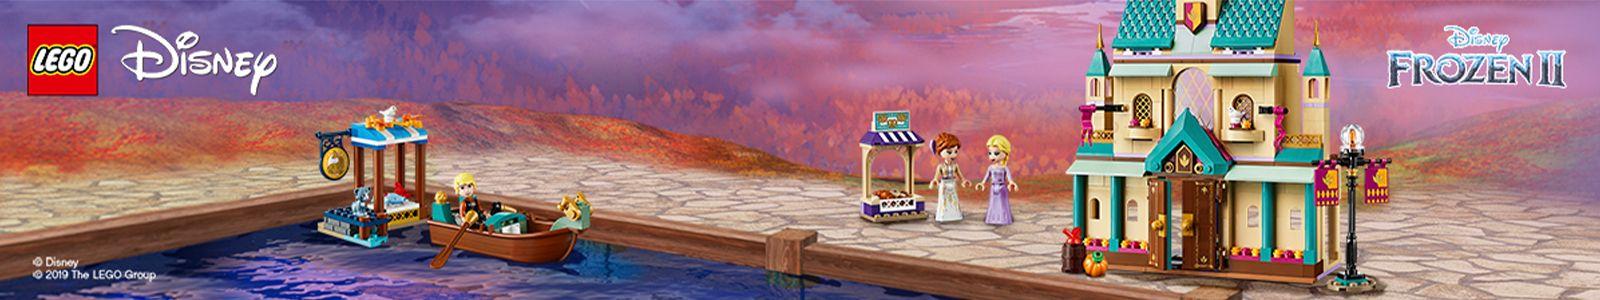 Lego, Disney, Frozen II